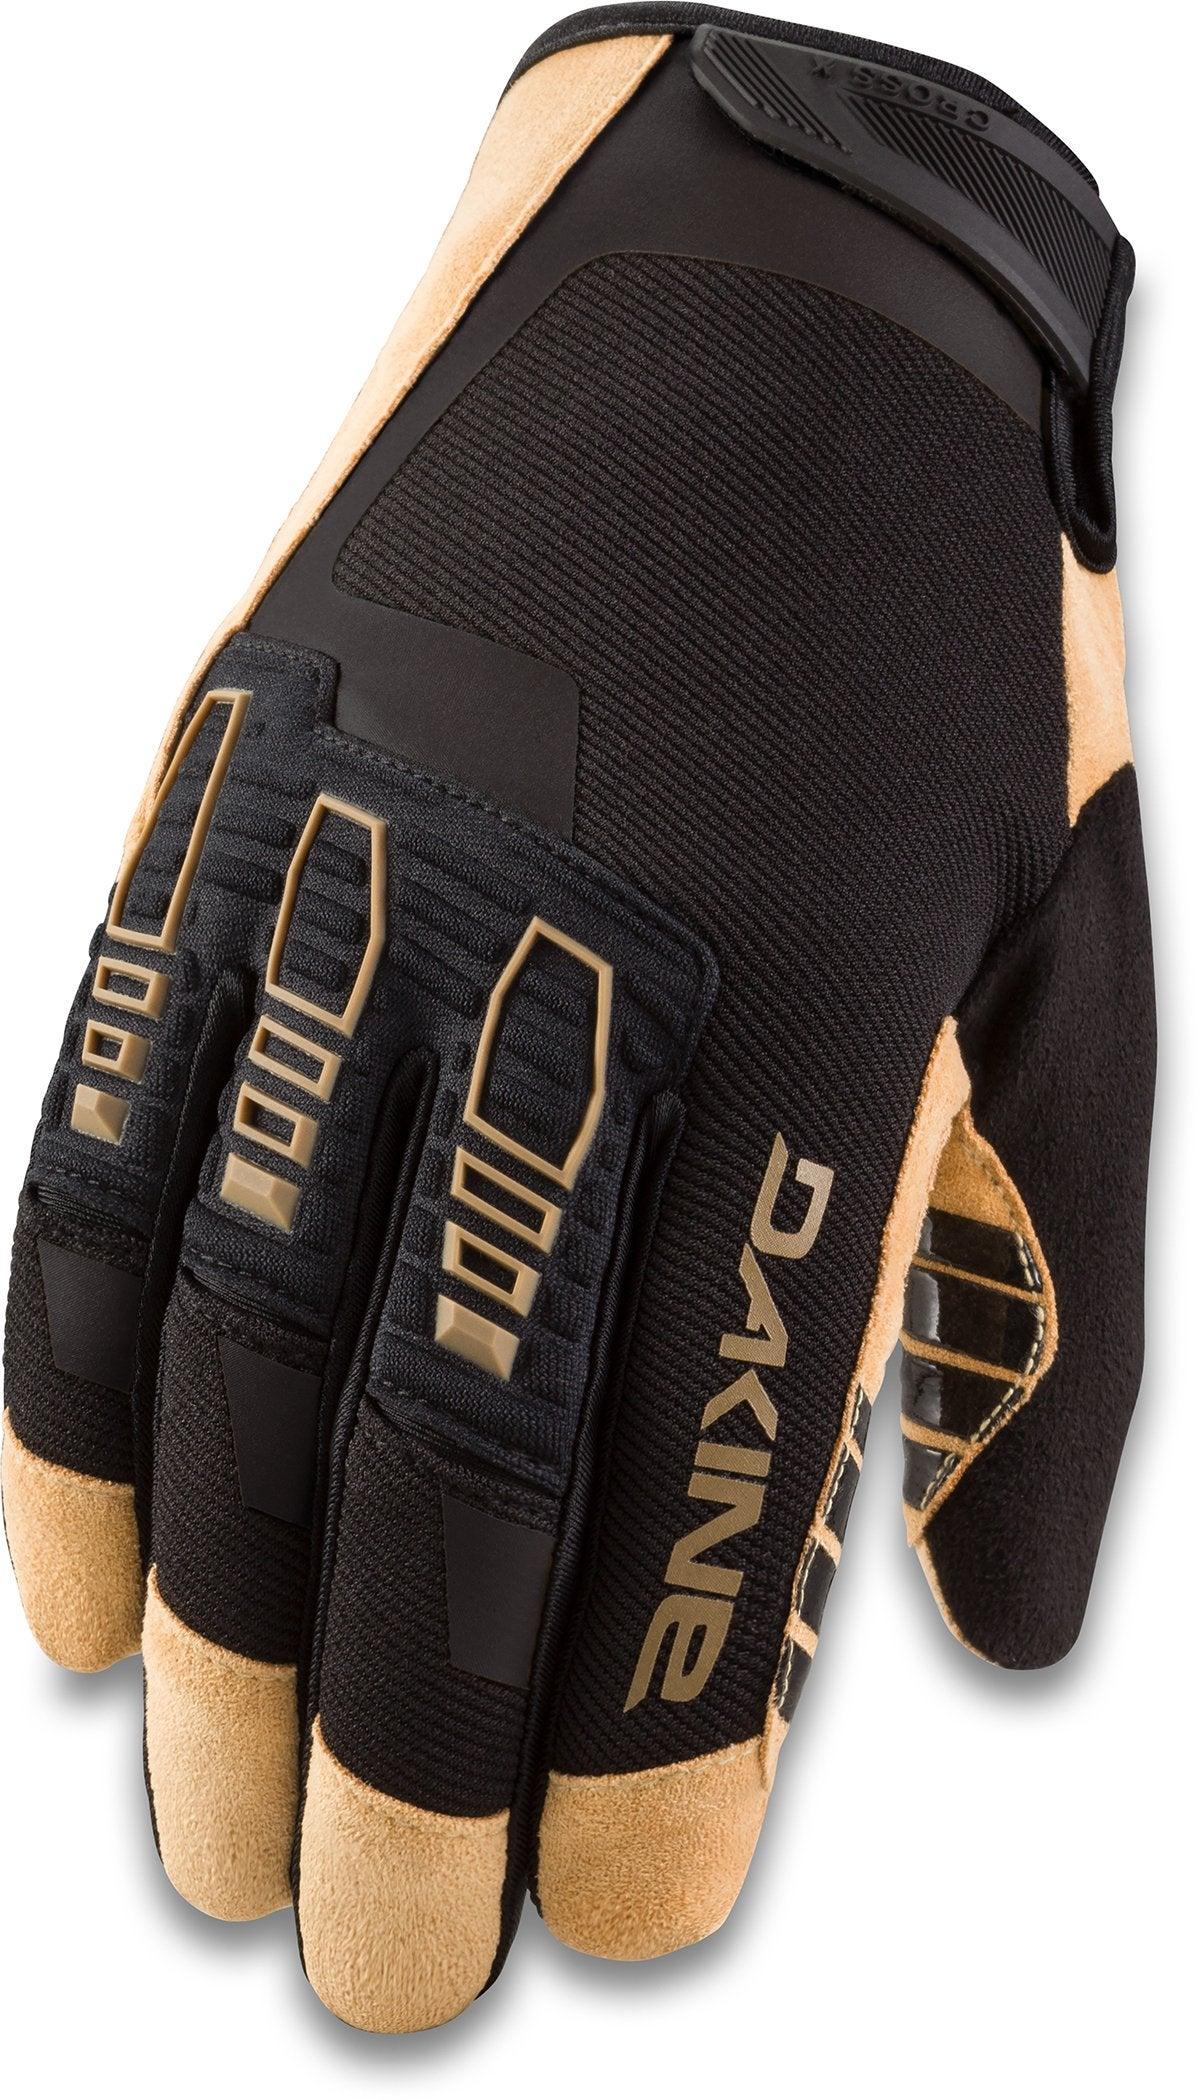 Dakine Cross-X Bike Glove.